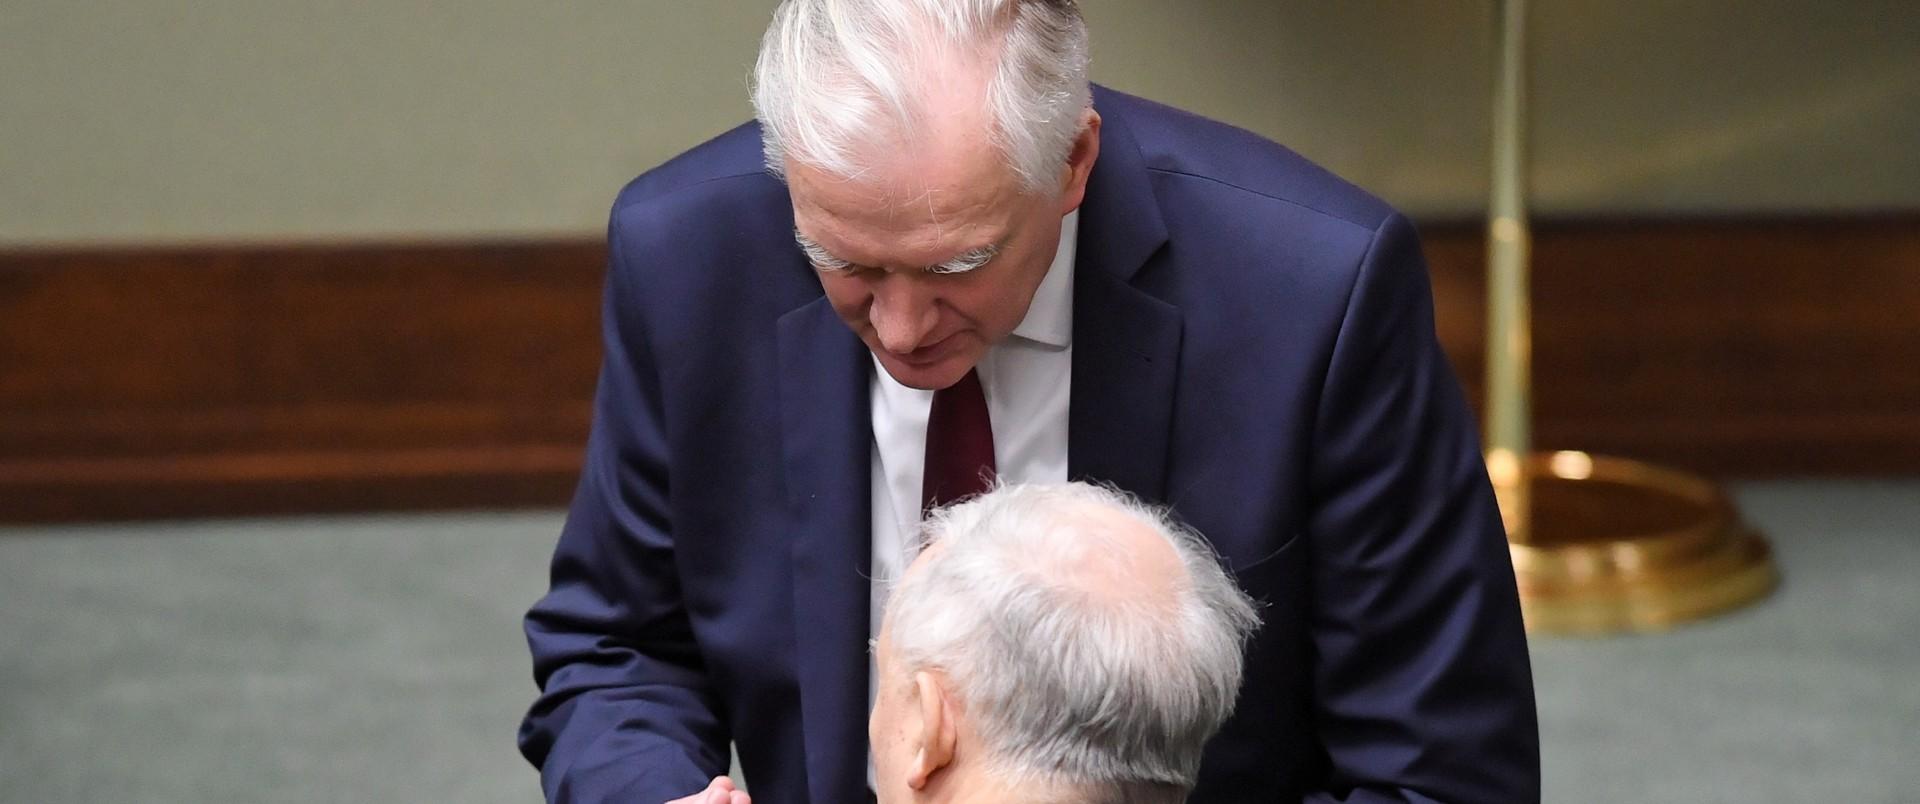 Jarosław Kaczyński i Jarosław Gowin w czasie posiedzenia w Sejmie